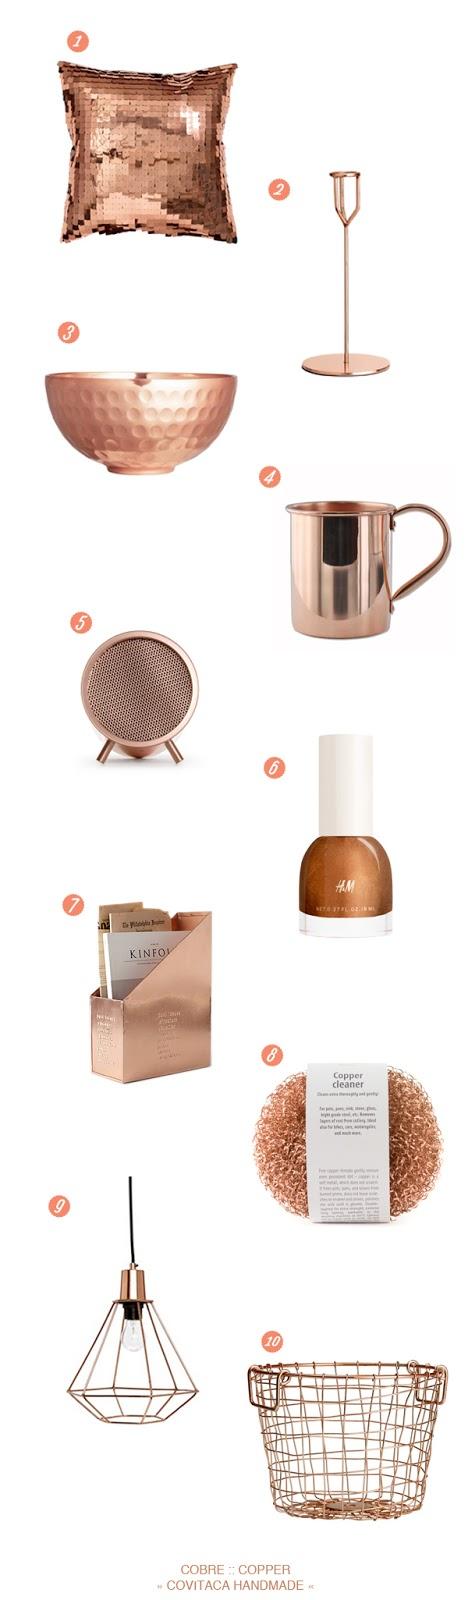 objetos cobre